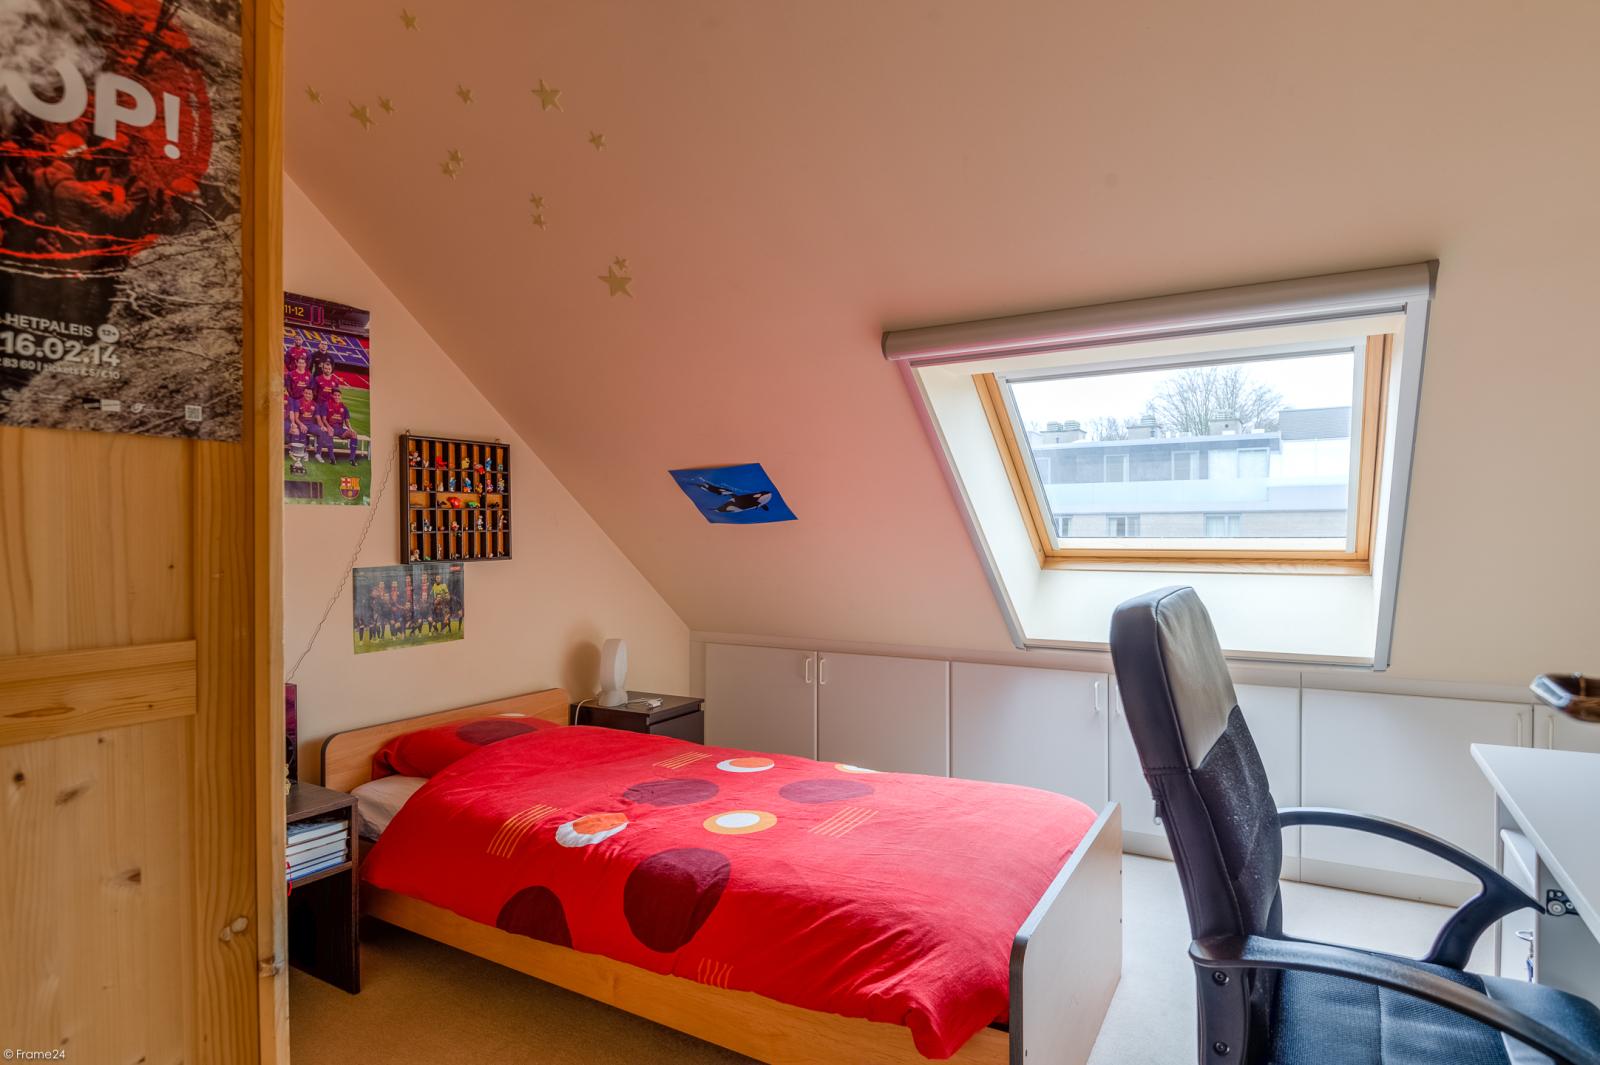 Uitzonderlijk eigendom te Wijnegem met enorme ondergrondse parking op een perceel van 1.417 m²! afbeelding 30